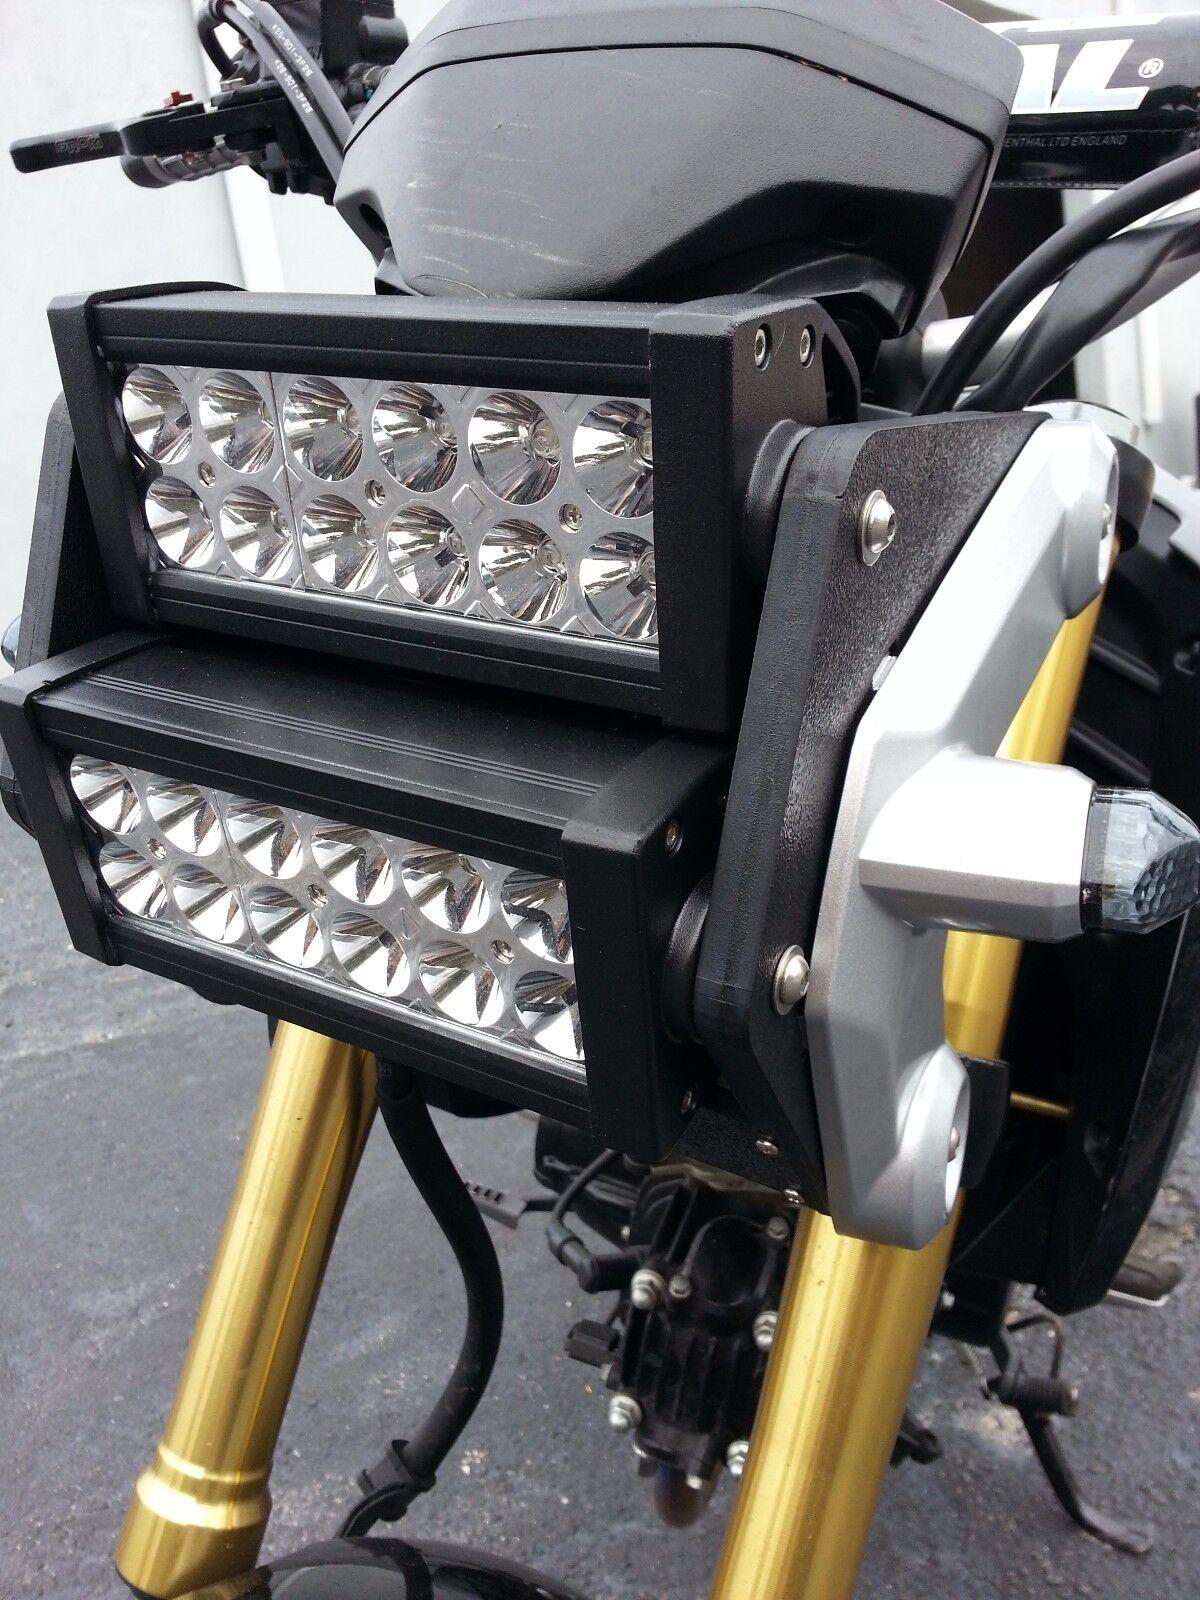 Honda grom msx125 double led light bar headlight conversion kit honda grom msx125 double led light bar headlight conversion kit 2014 2015 2016 aloadofball Choice Image